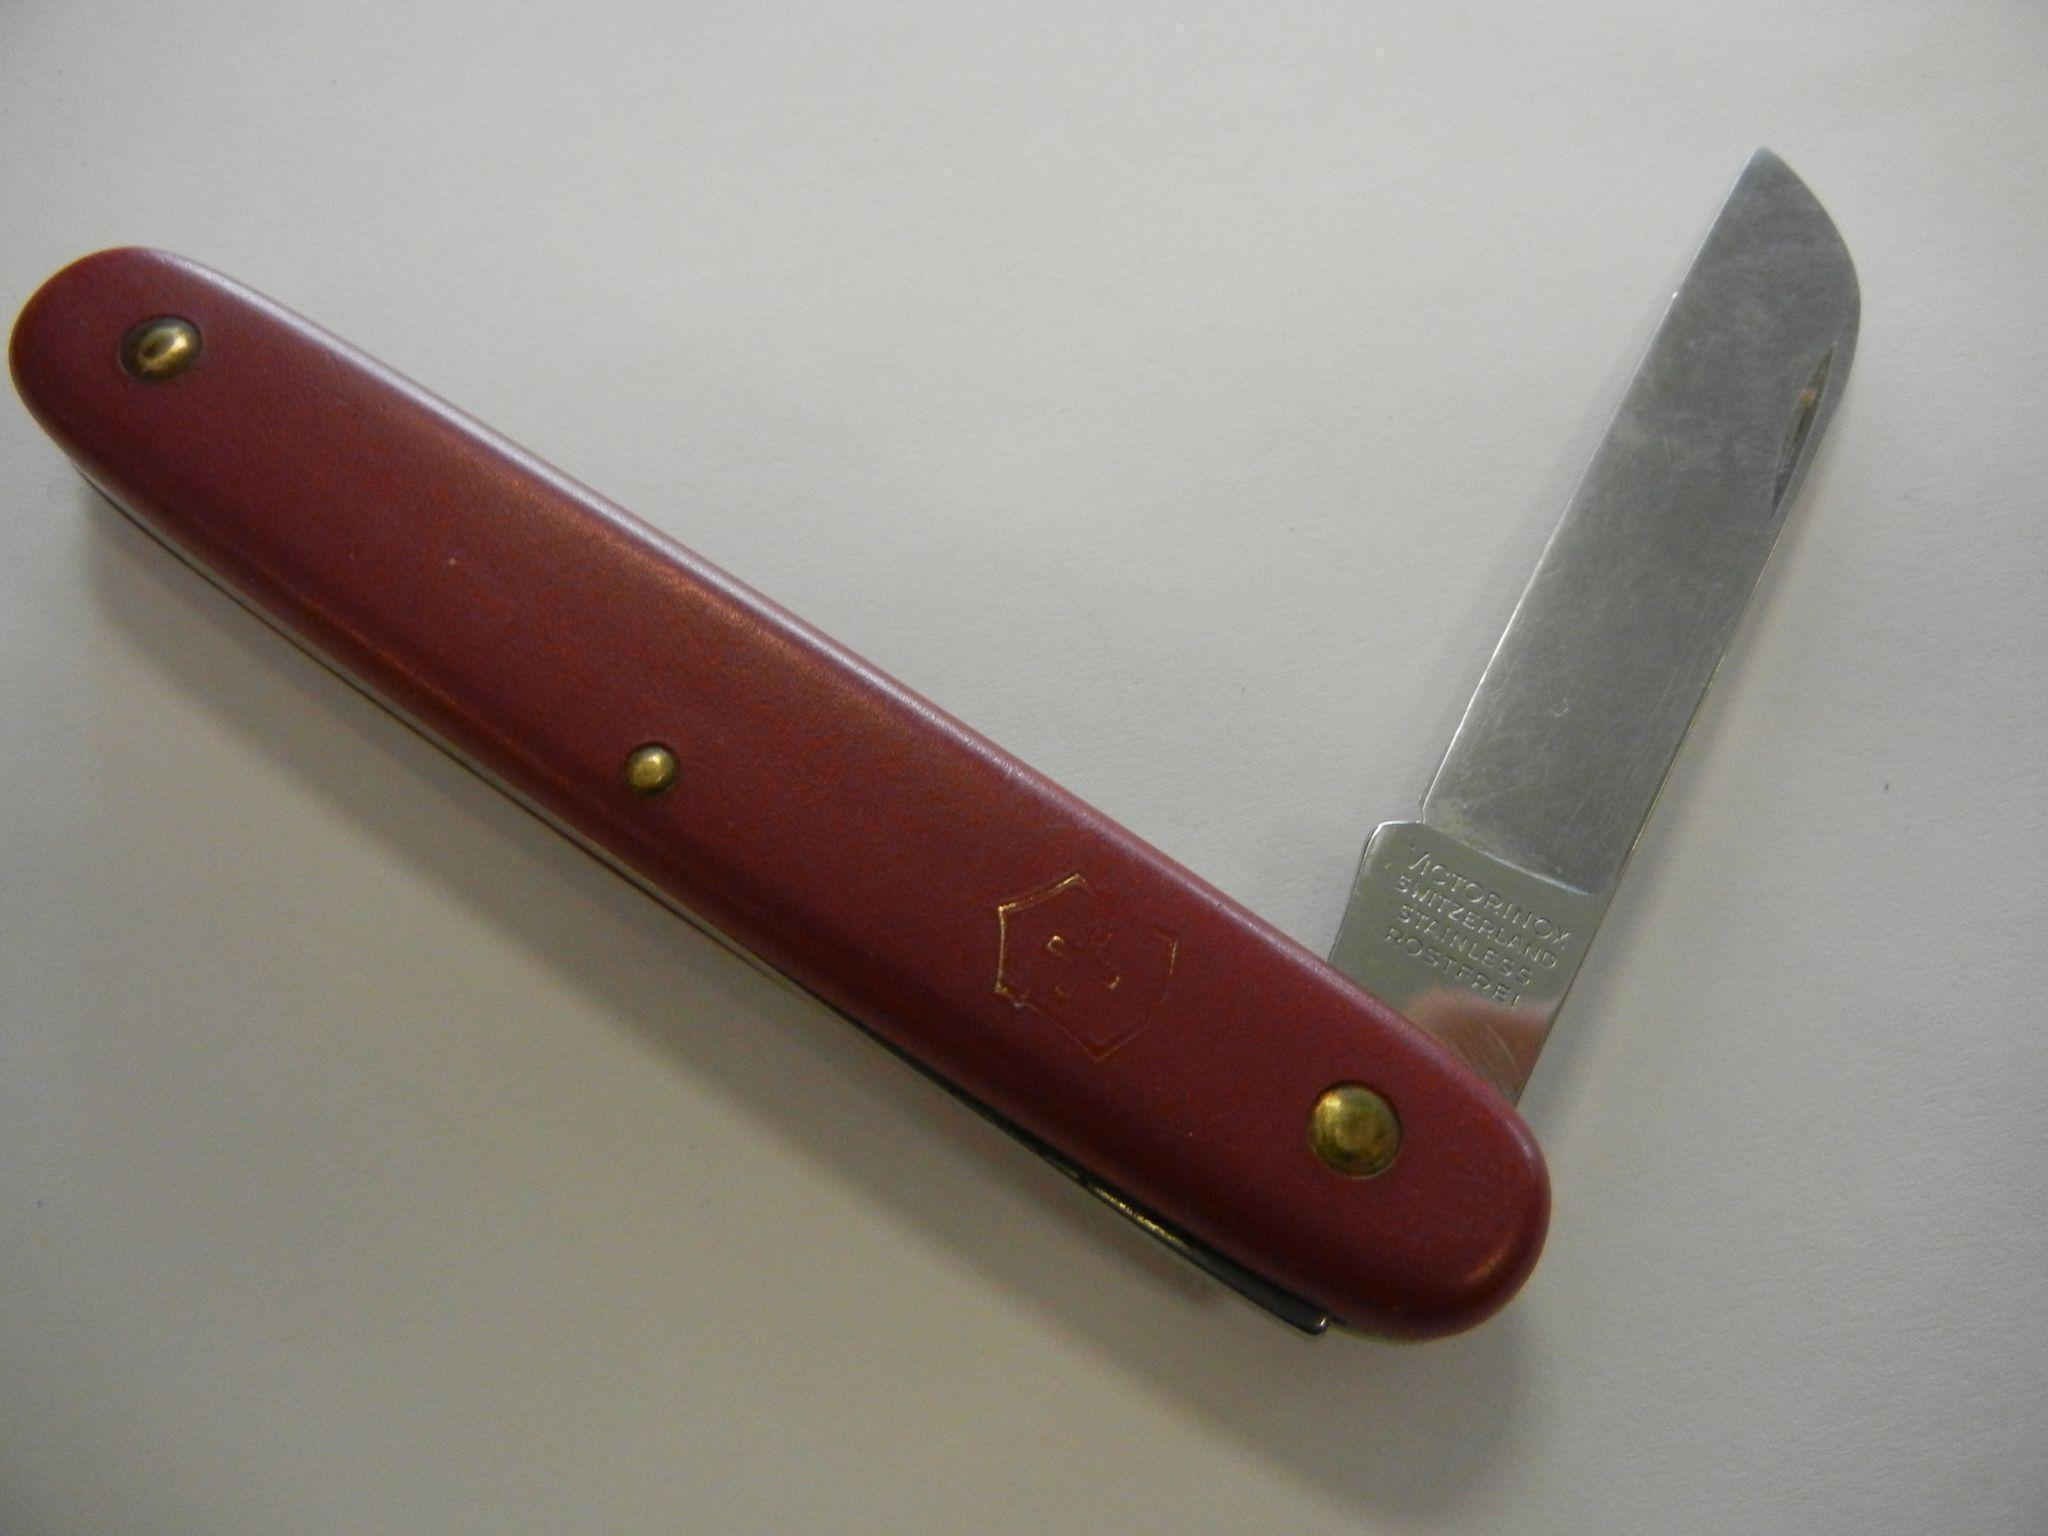 rostfrei kitchen knives tim hayward seven essential